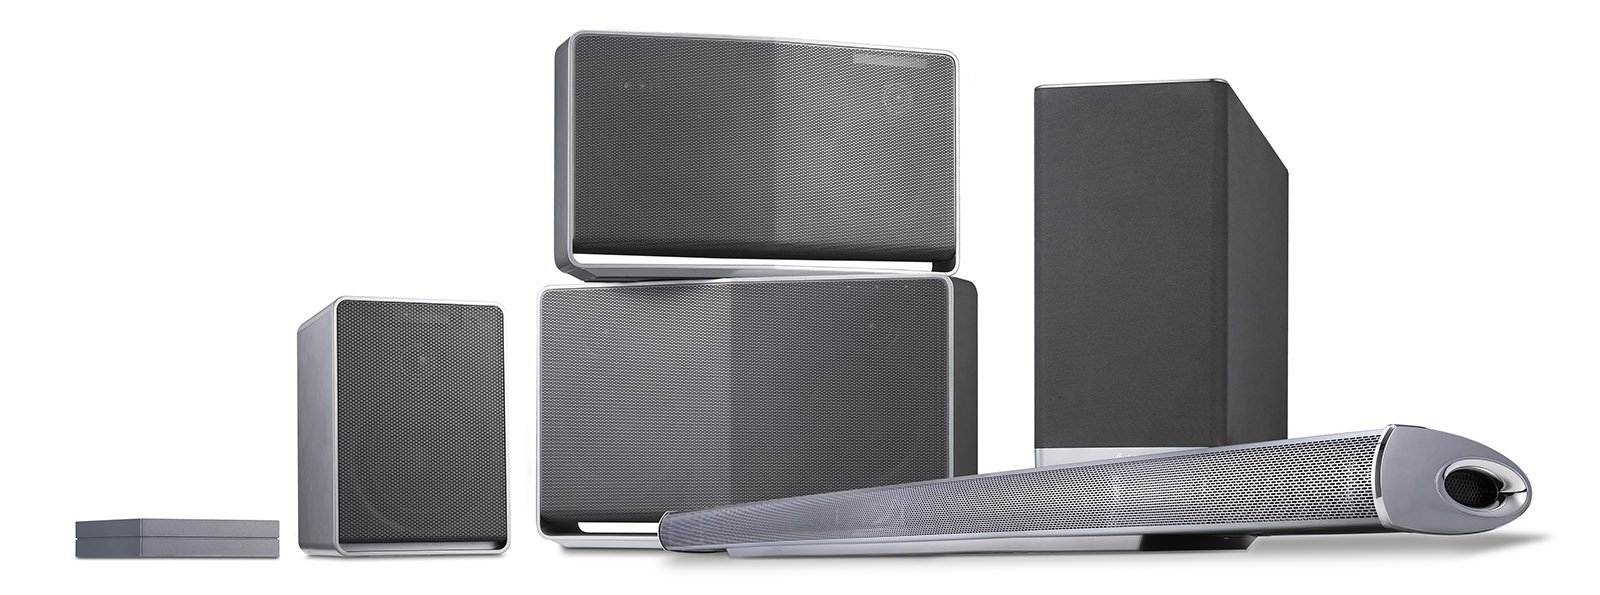 Casse audio per l 39 impianto stereo cose di casa - Impianto audio casa incasso ...